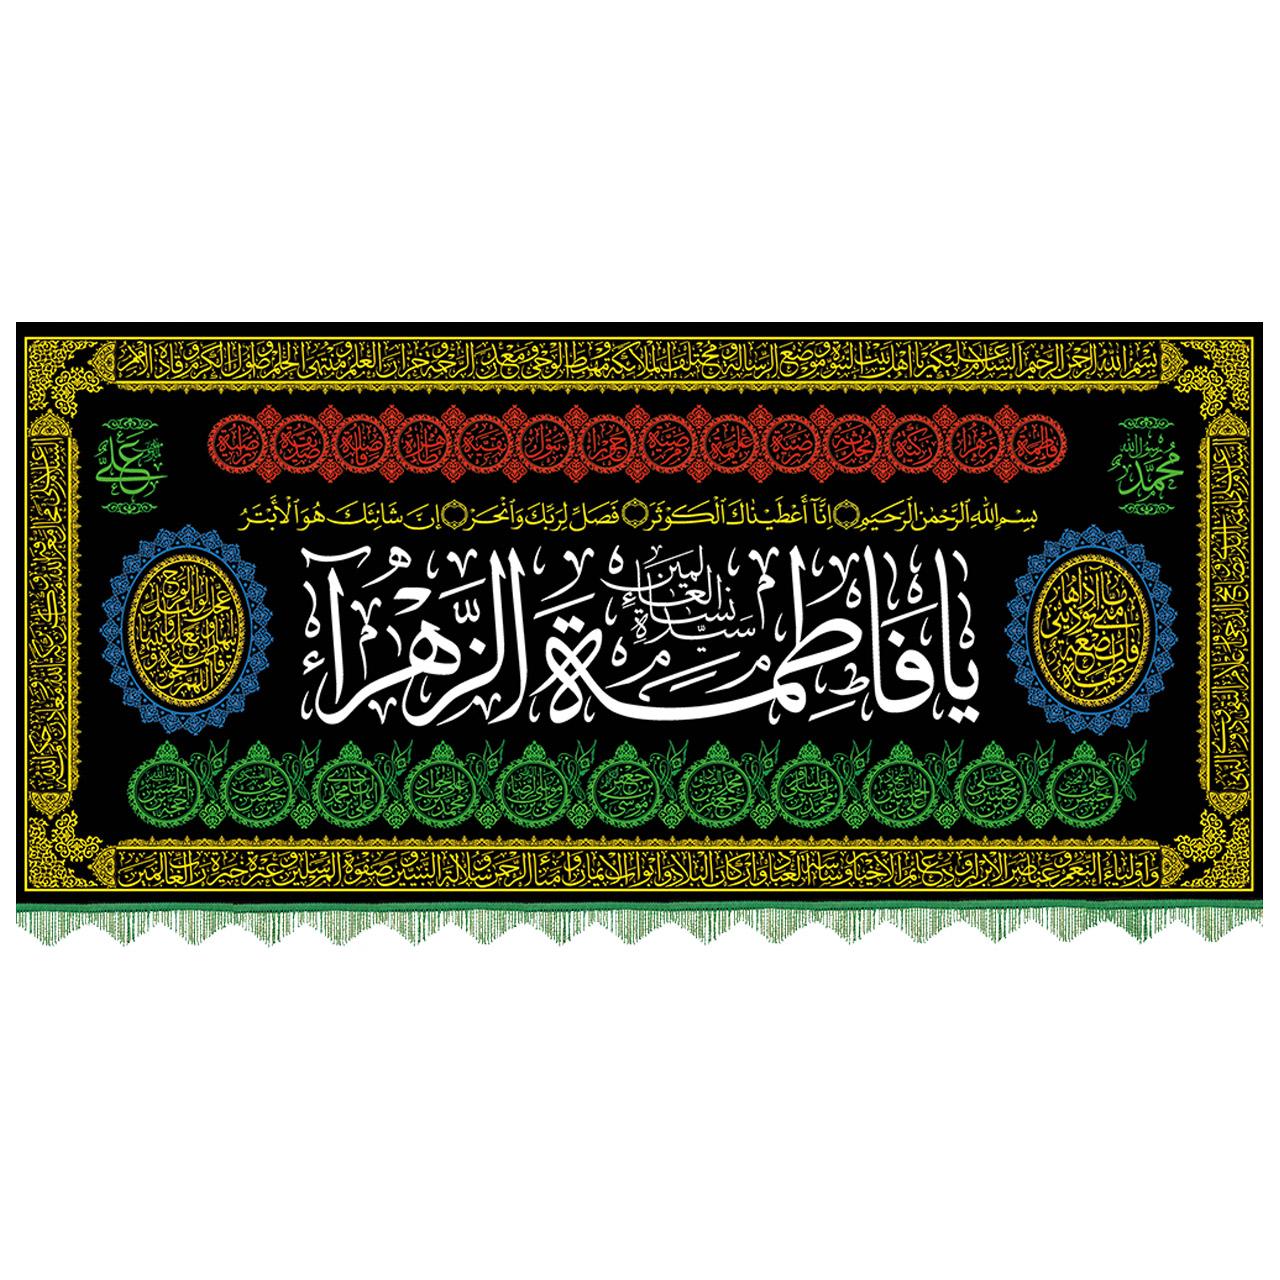 عکس پرچم و کتیبه فاطمیه کد 97 طرح شمسه (یا فاطمة الزهرا) 3 متری